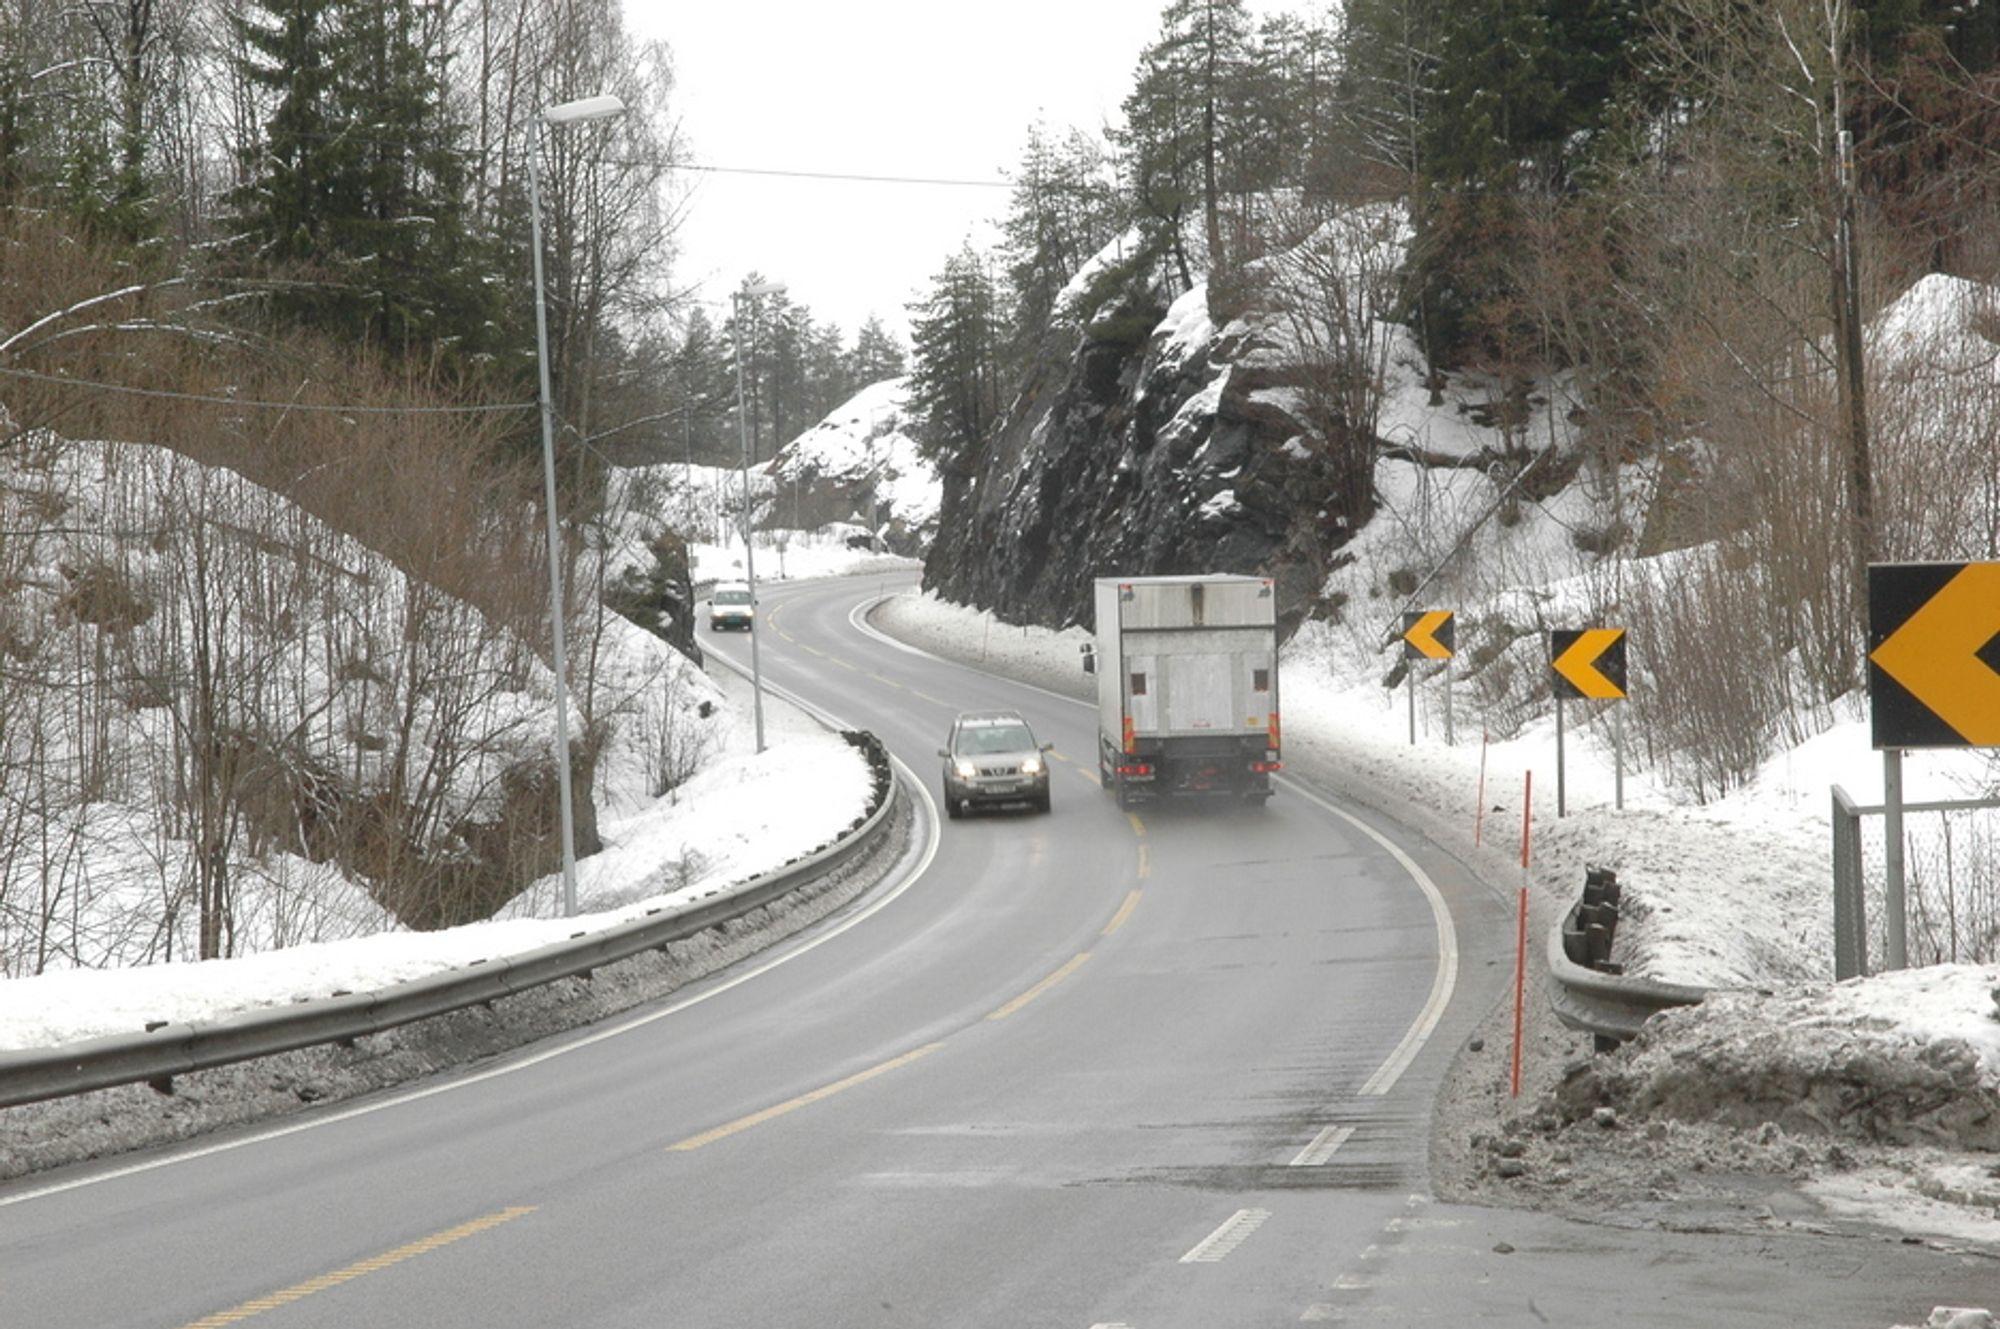 E18: Strelkningen gjennom Bamble er trang og ullykkesutsatt. Her oppstår fort lenge køer og forsinkeleser. Veien har ikke vært ubedret siden begynnelsen av 60-tallet.